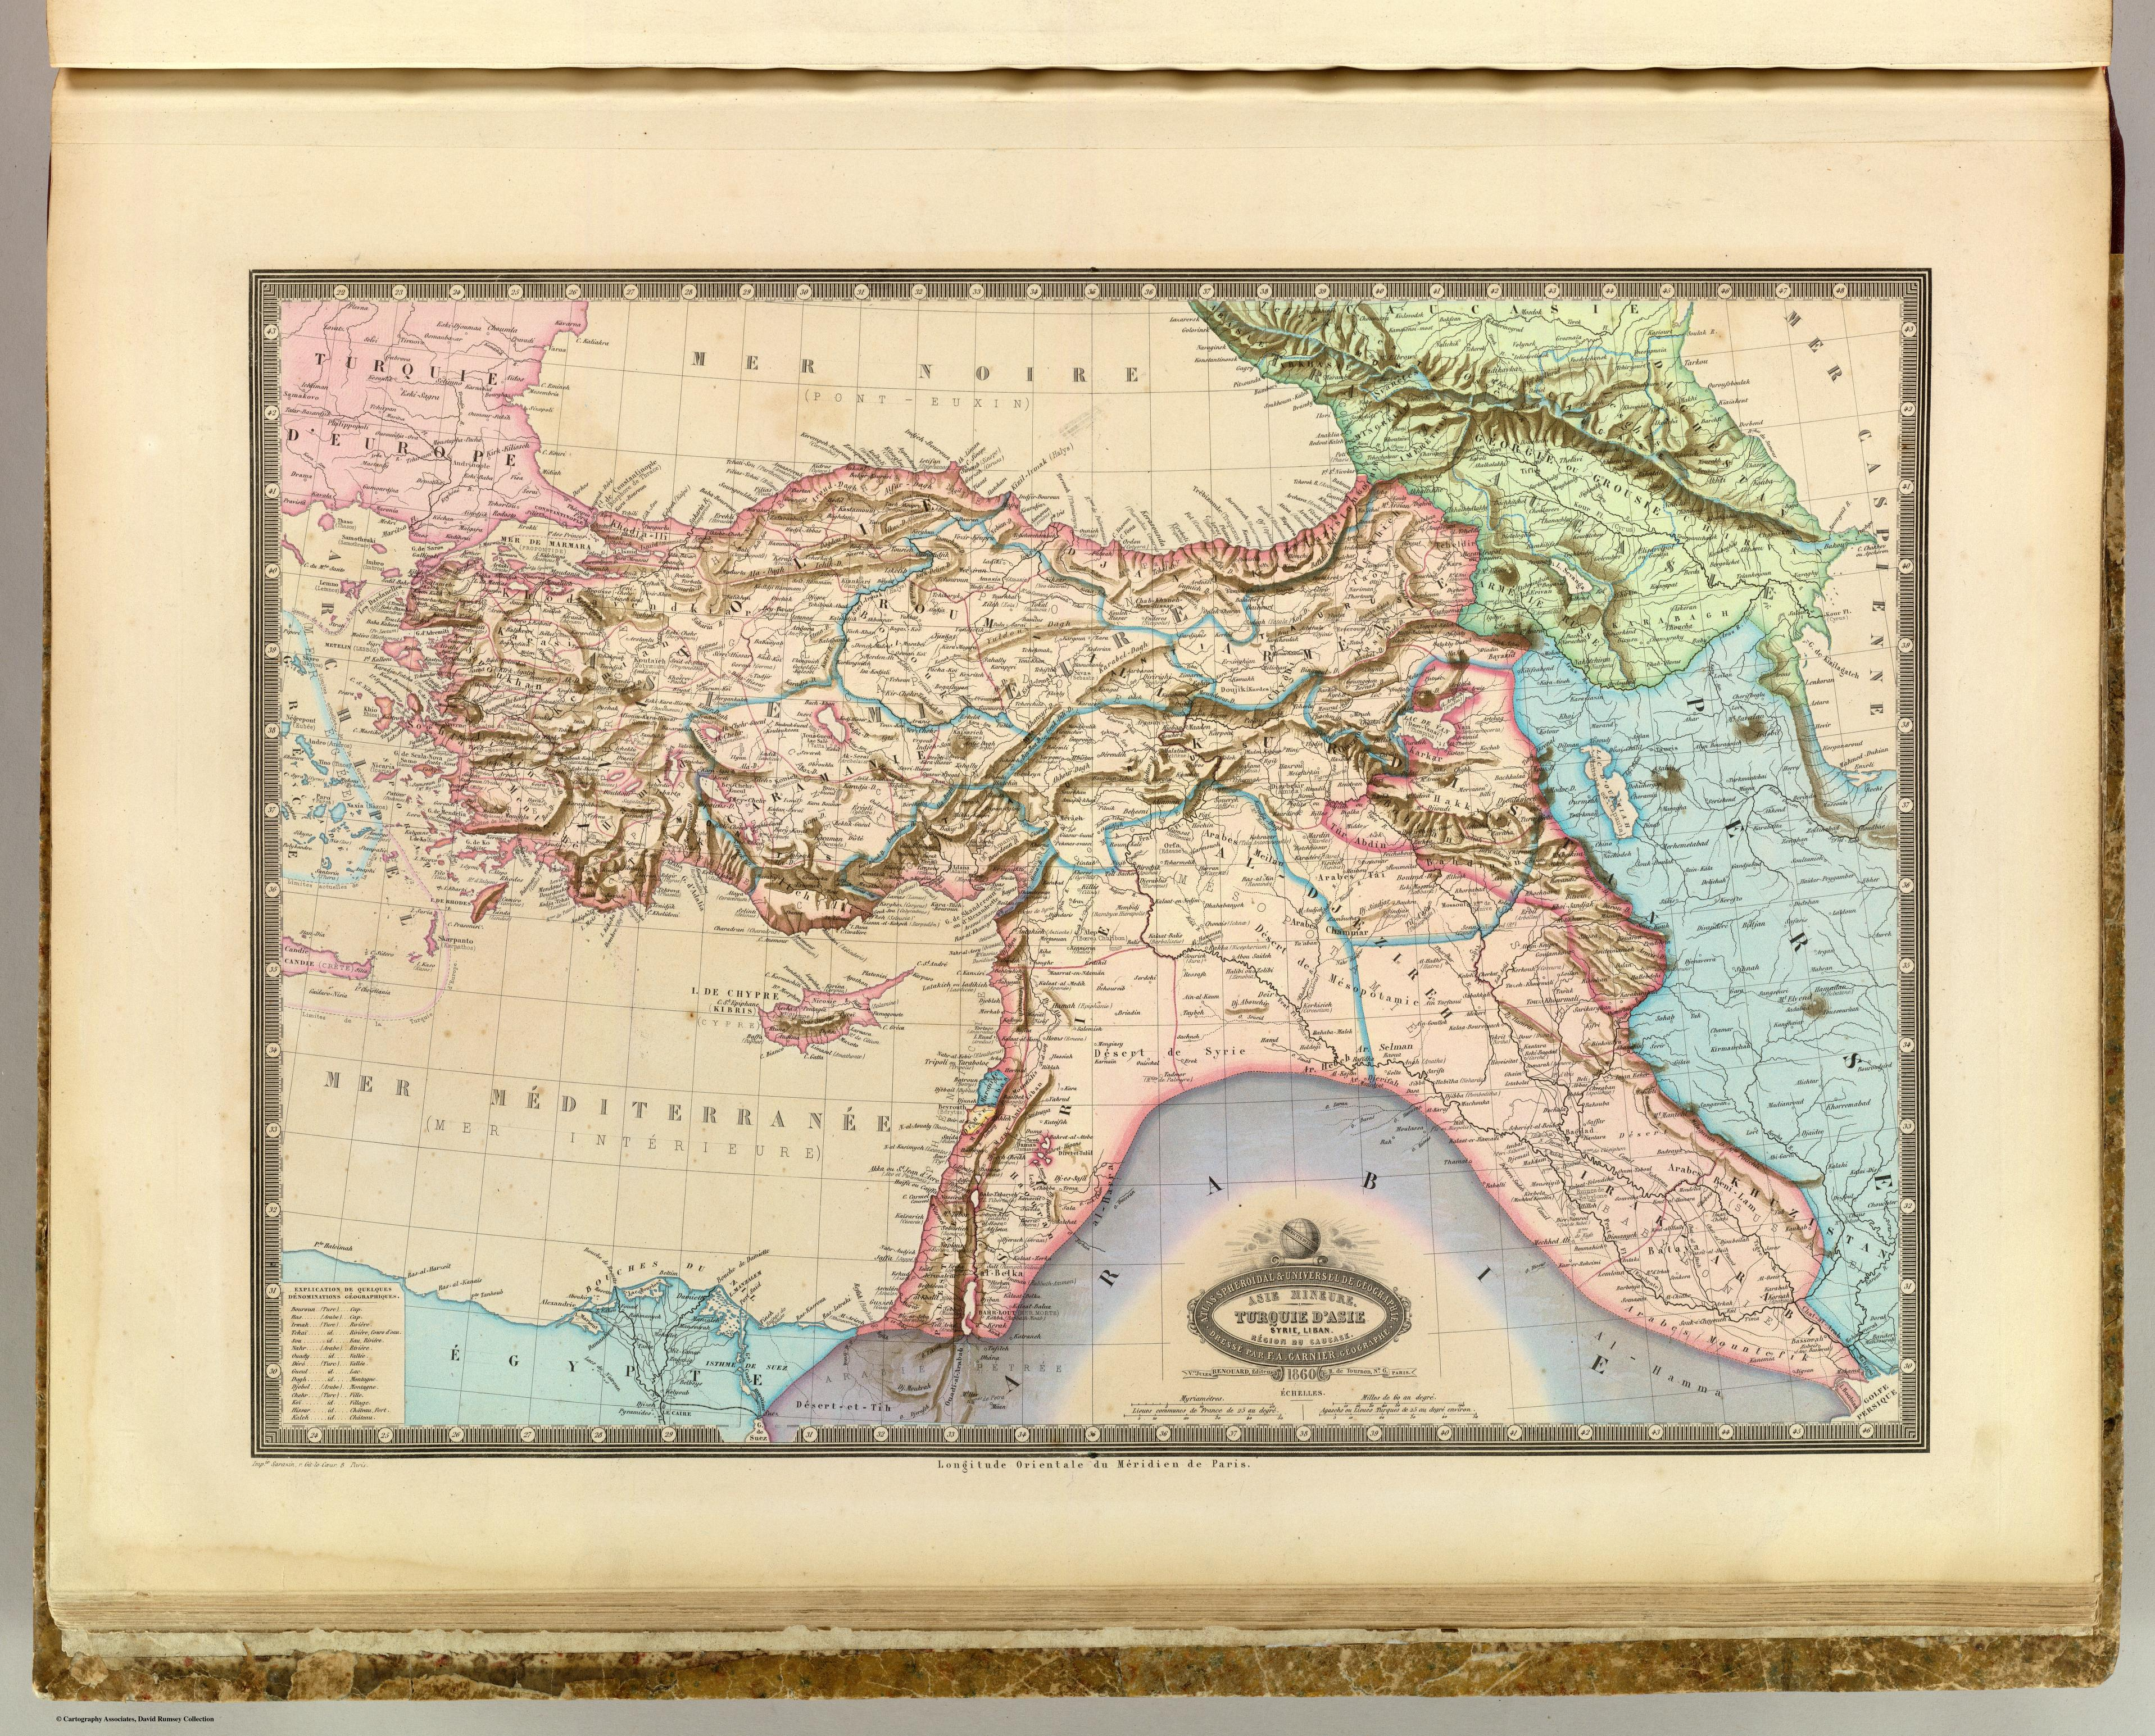 File:Garnier, F. A., Turquie, Syrie, Liban, Caucase. 1862 ...